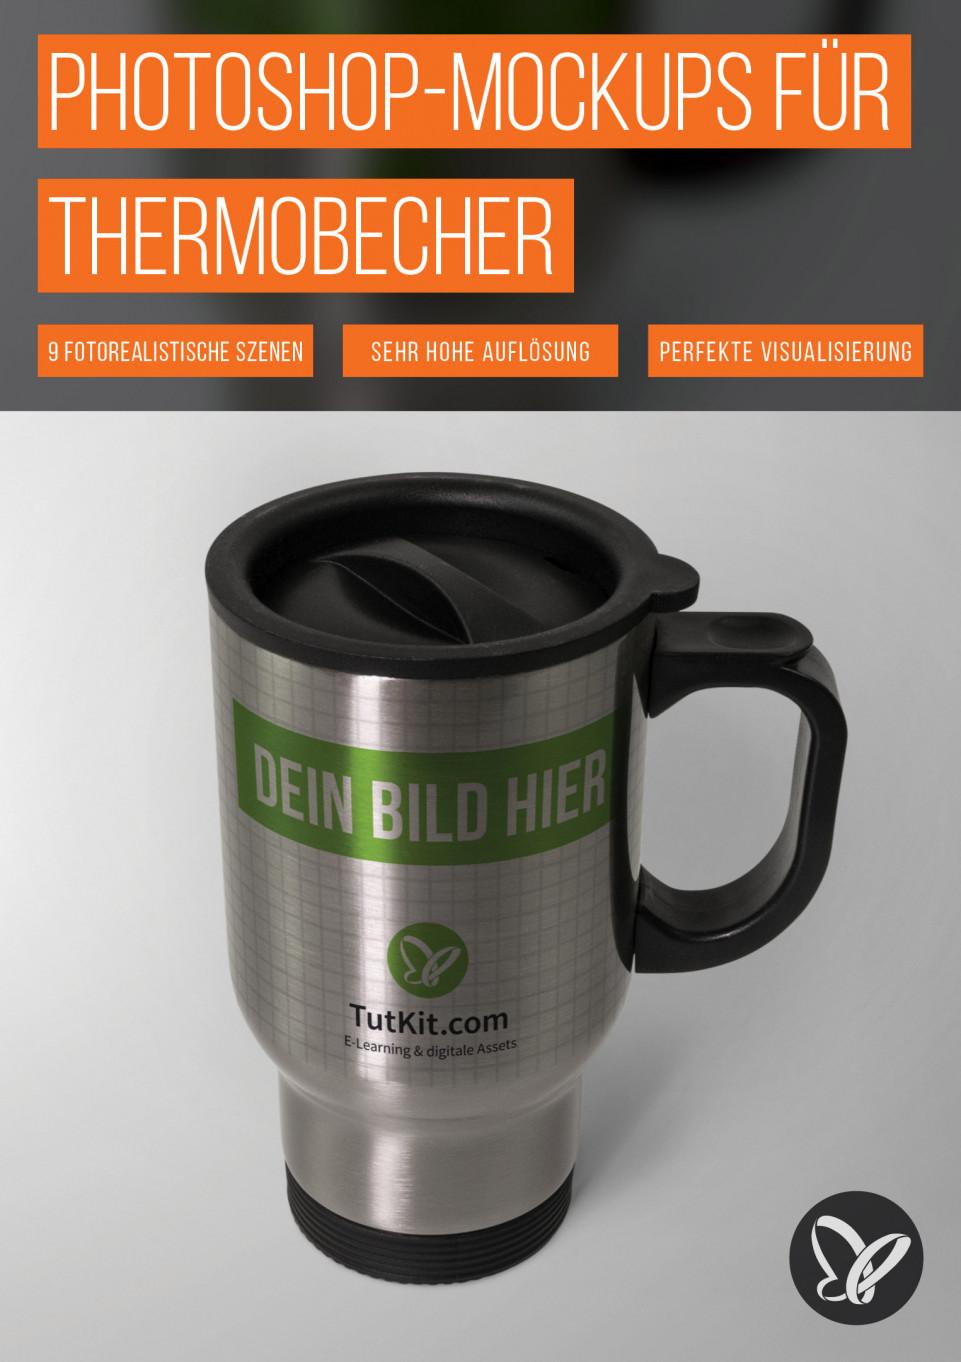 Photoshop-Mockups für Thermobecher und Thermostassen